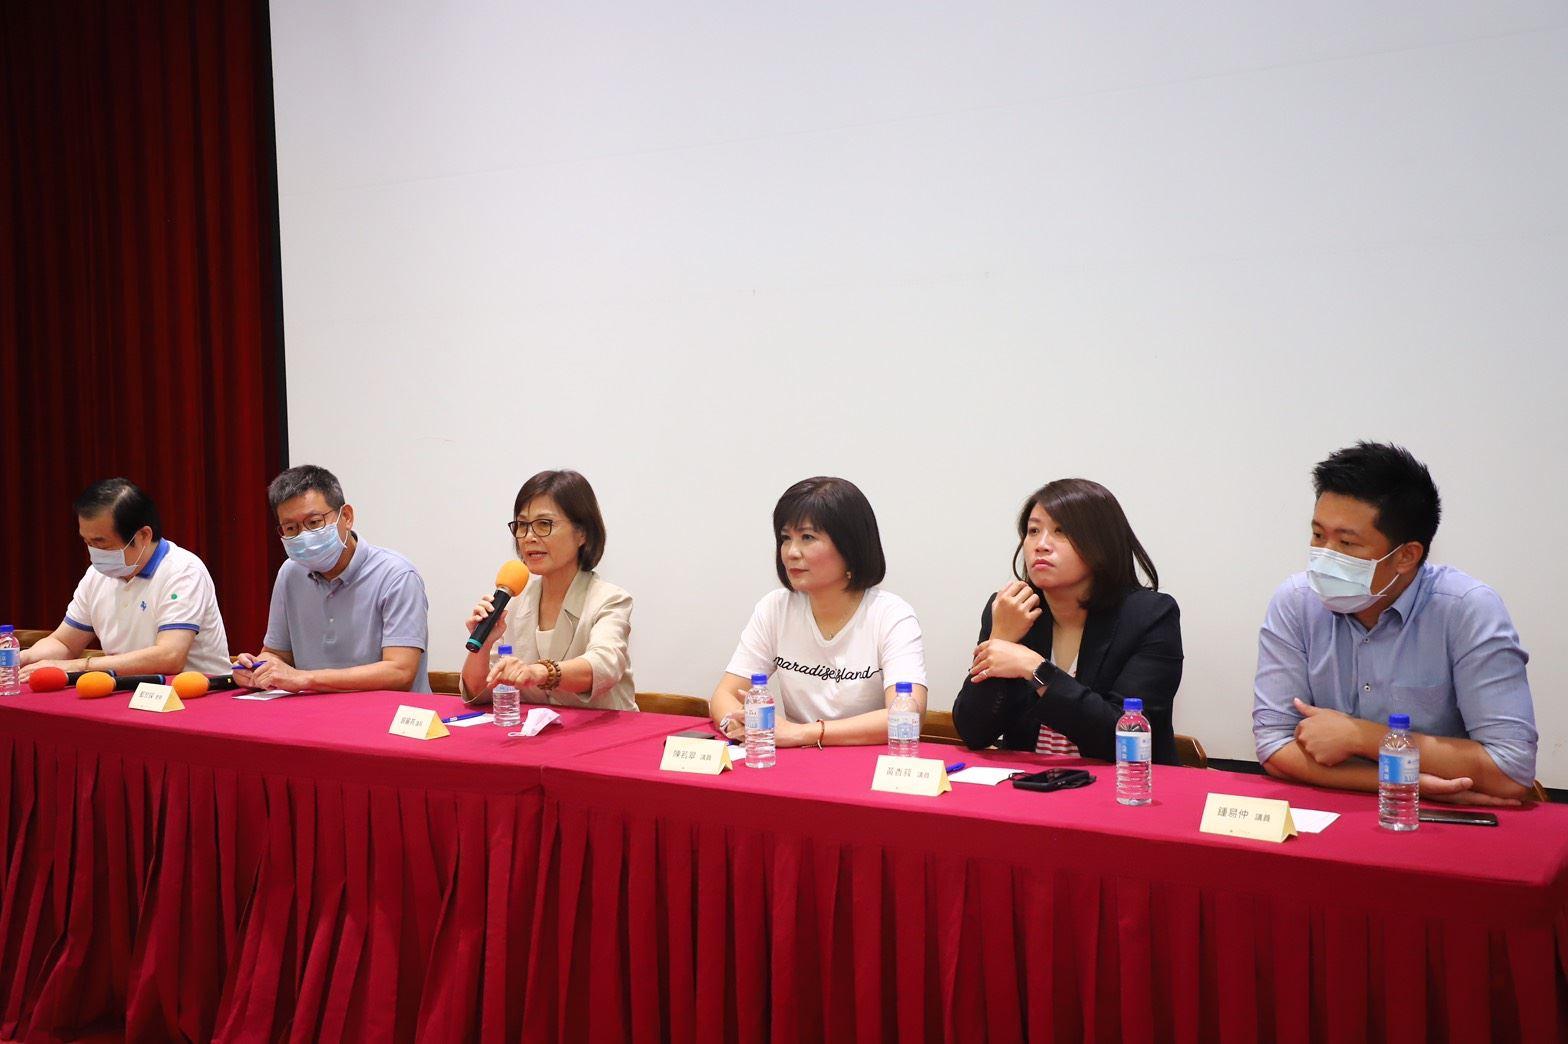 曾議長率議員與義大師生座談,鼓勵年輕學生關心公共事務